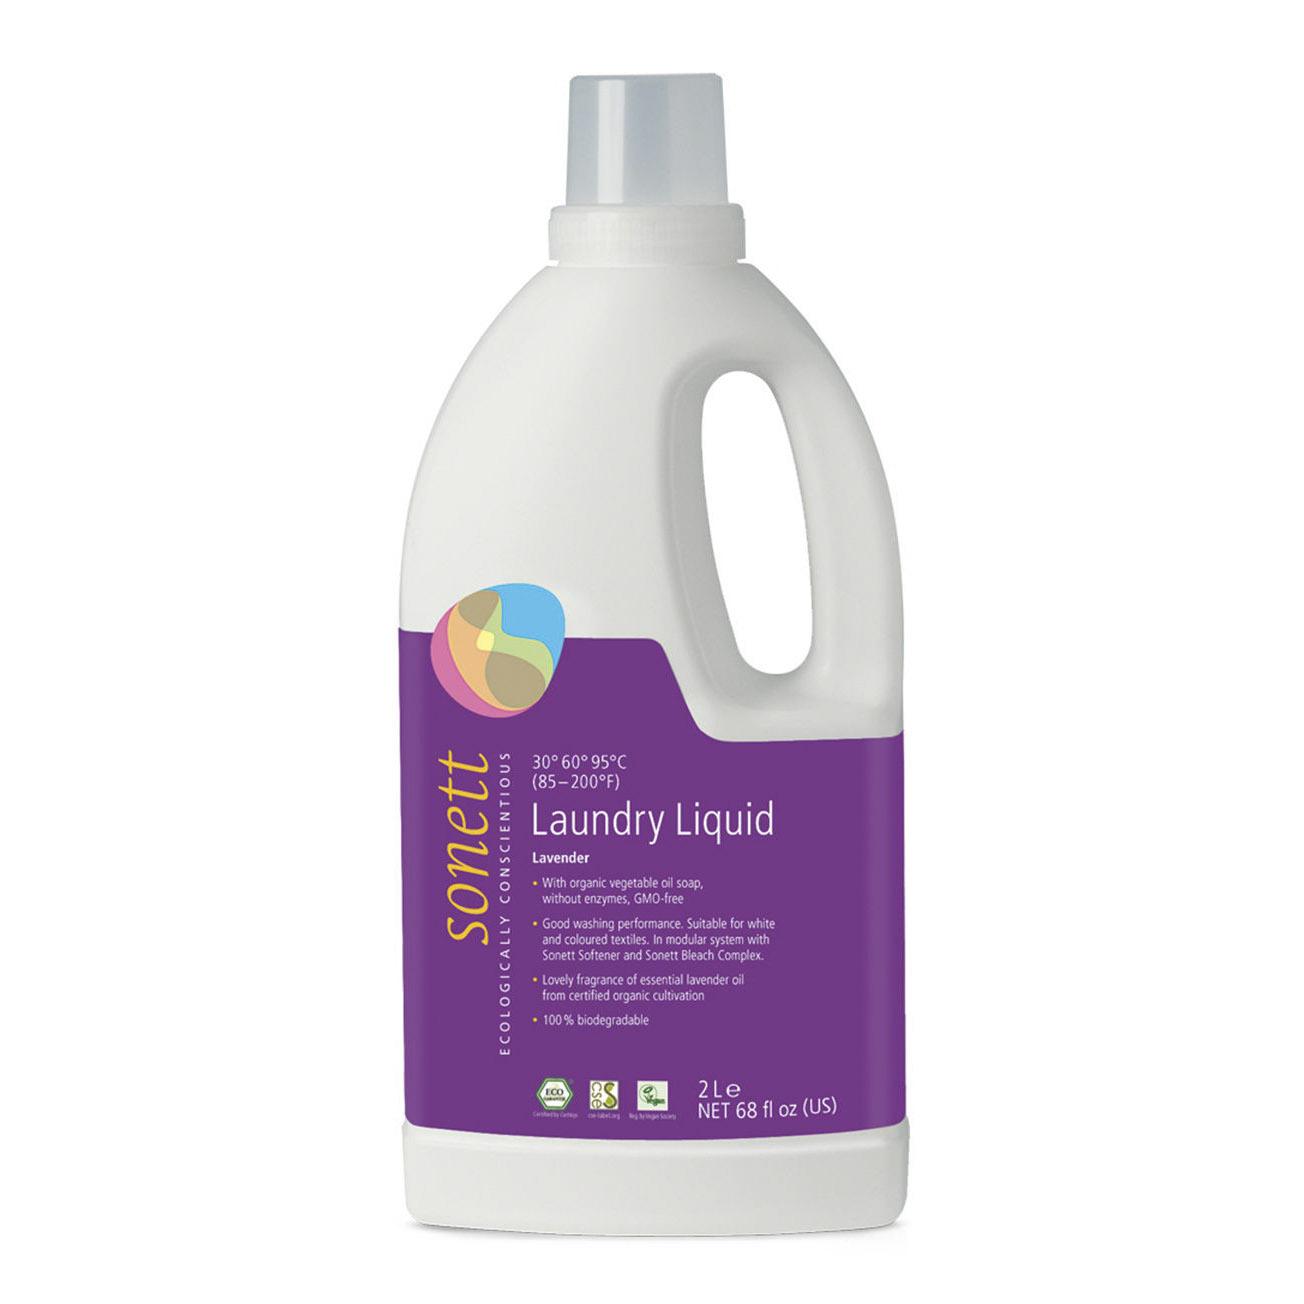 Средство Sonett жидкое для стирки экологические чистое органическое Лаванда 2 л недорого